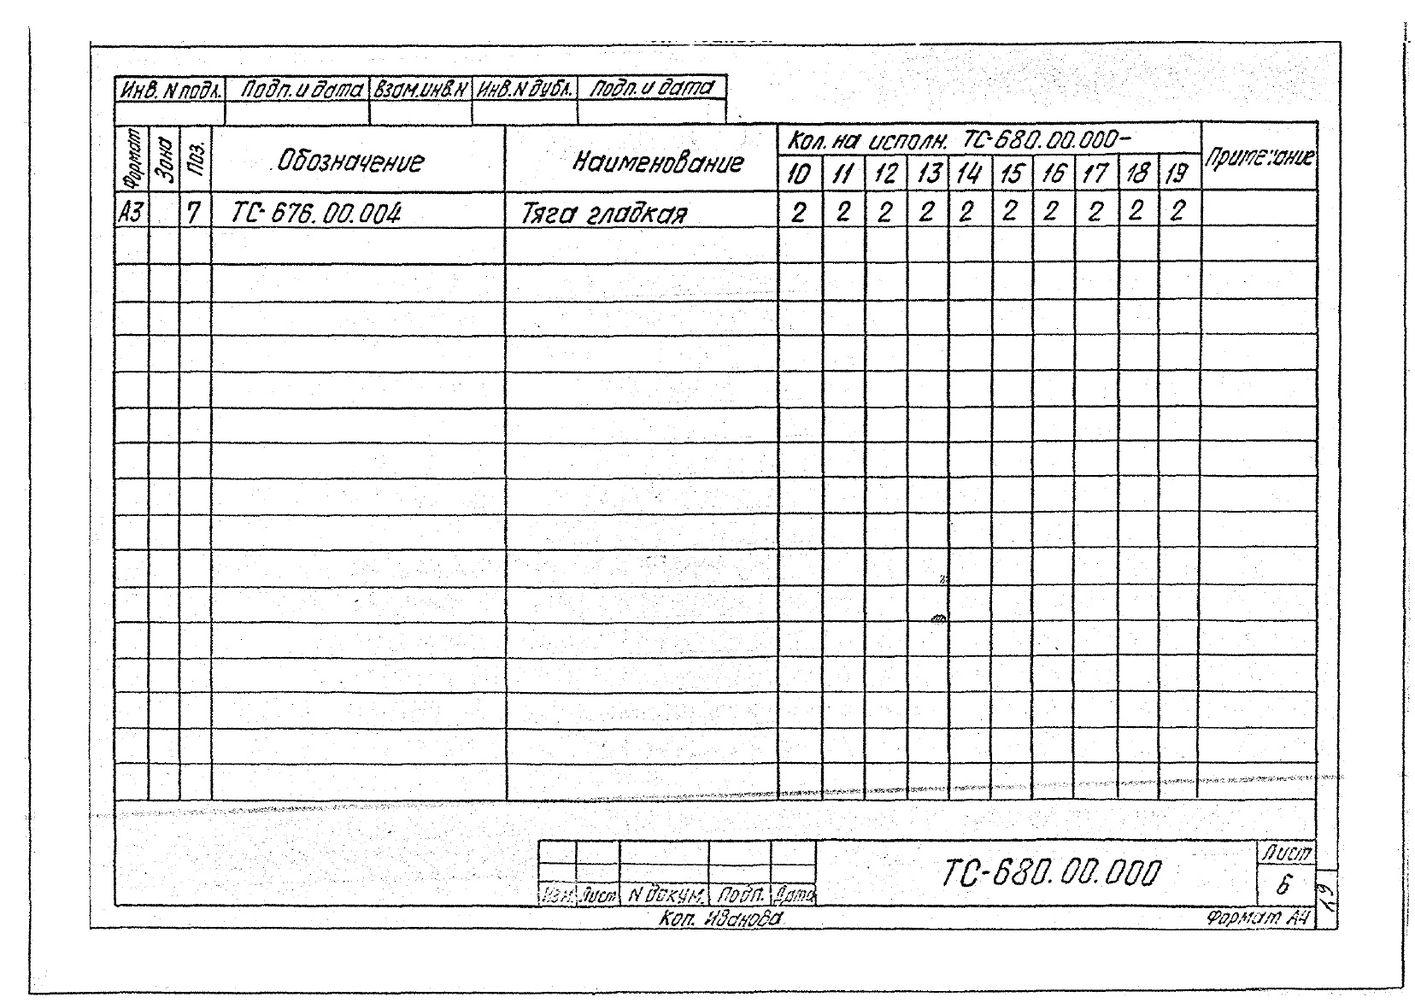 Podveski zhestkie Dn377-1420 TS-680 s.5.903-13 vyp.6-95 str.8